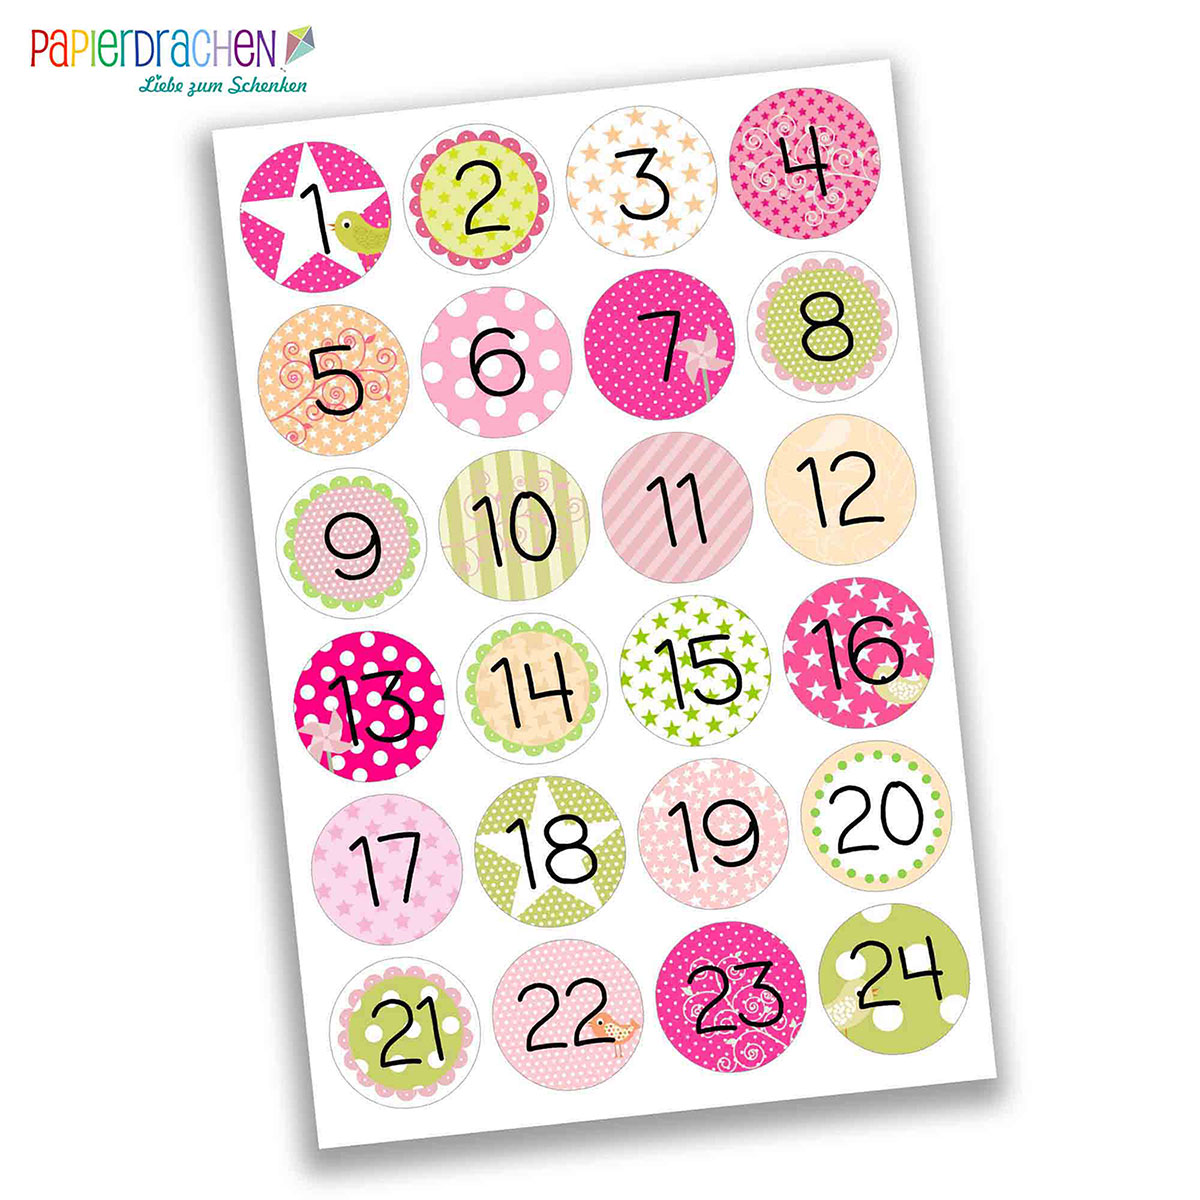 Details Zu Papierdrachen 24 Adventskalender Zahlenaufkleber Design Nr 14